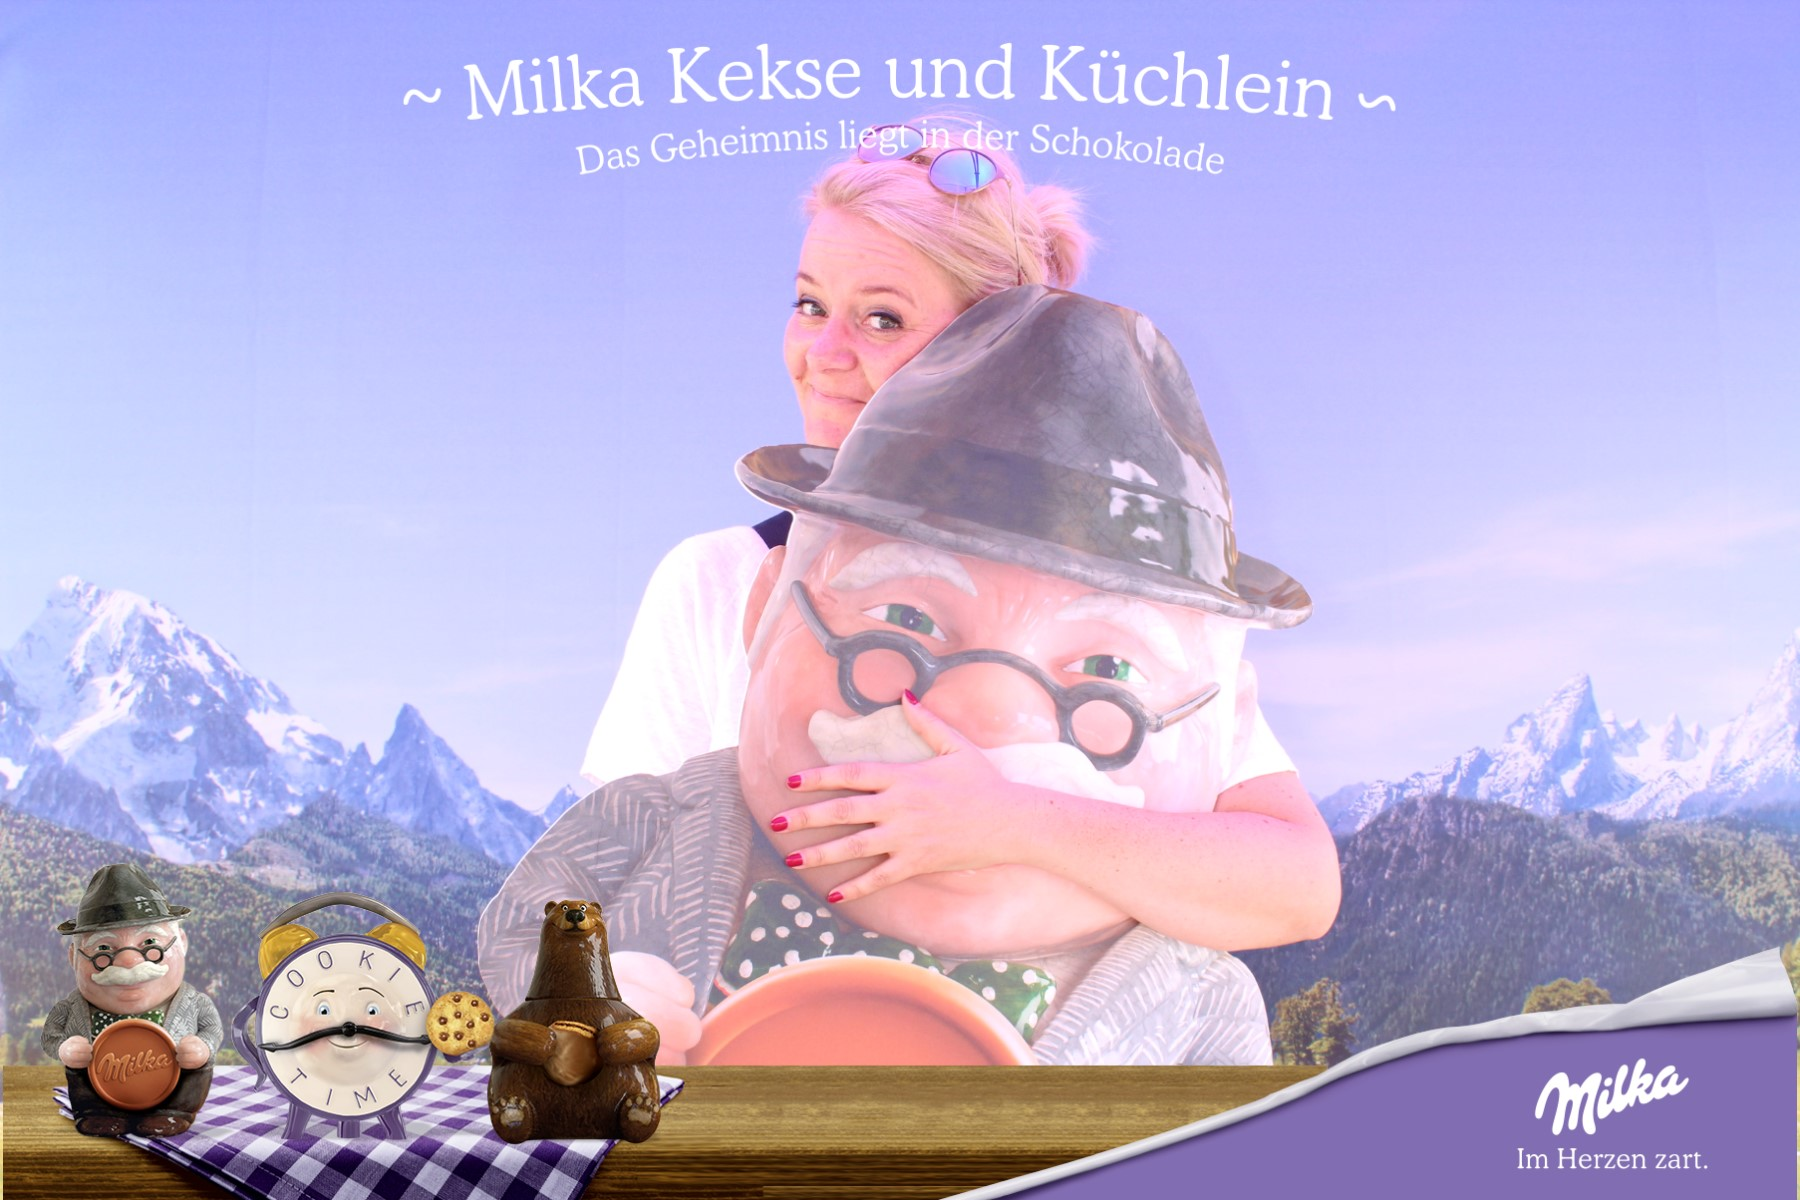 Milka Keksdosen Tour: Impressionen aus Leipzig und ein Gewinnspiel!